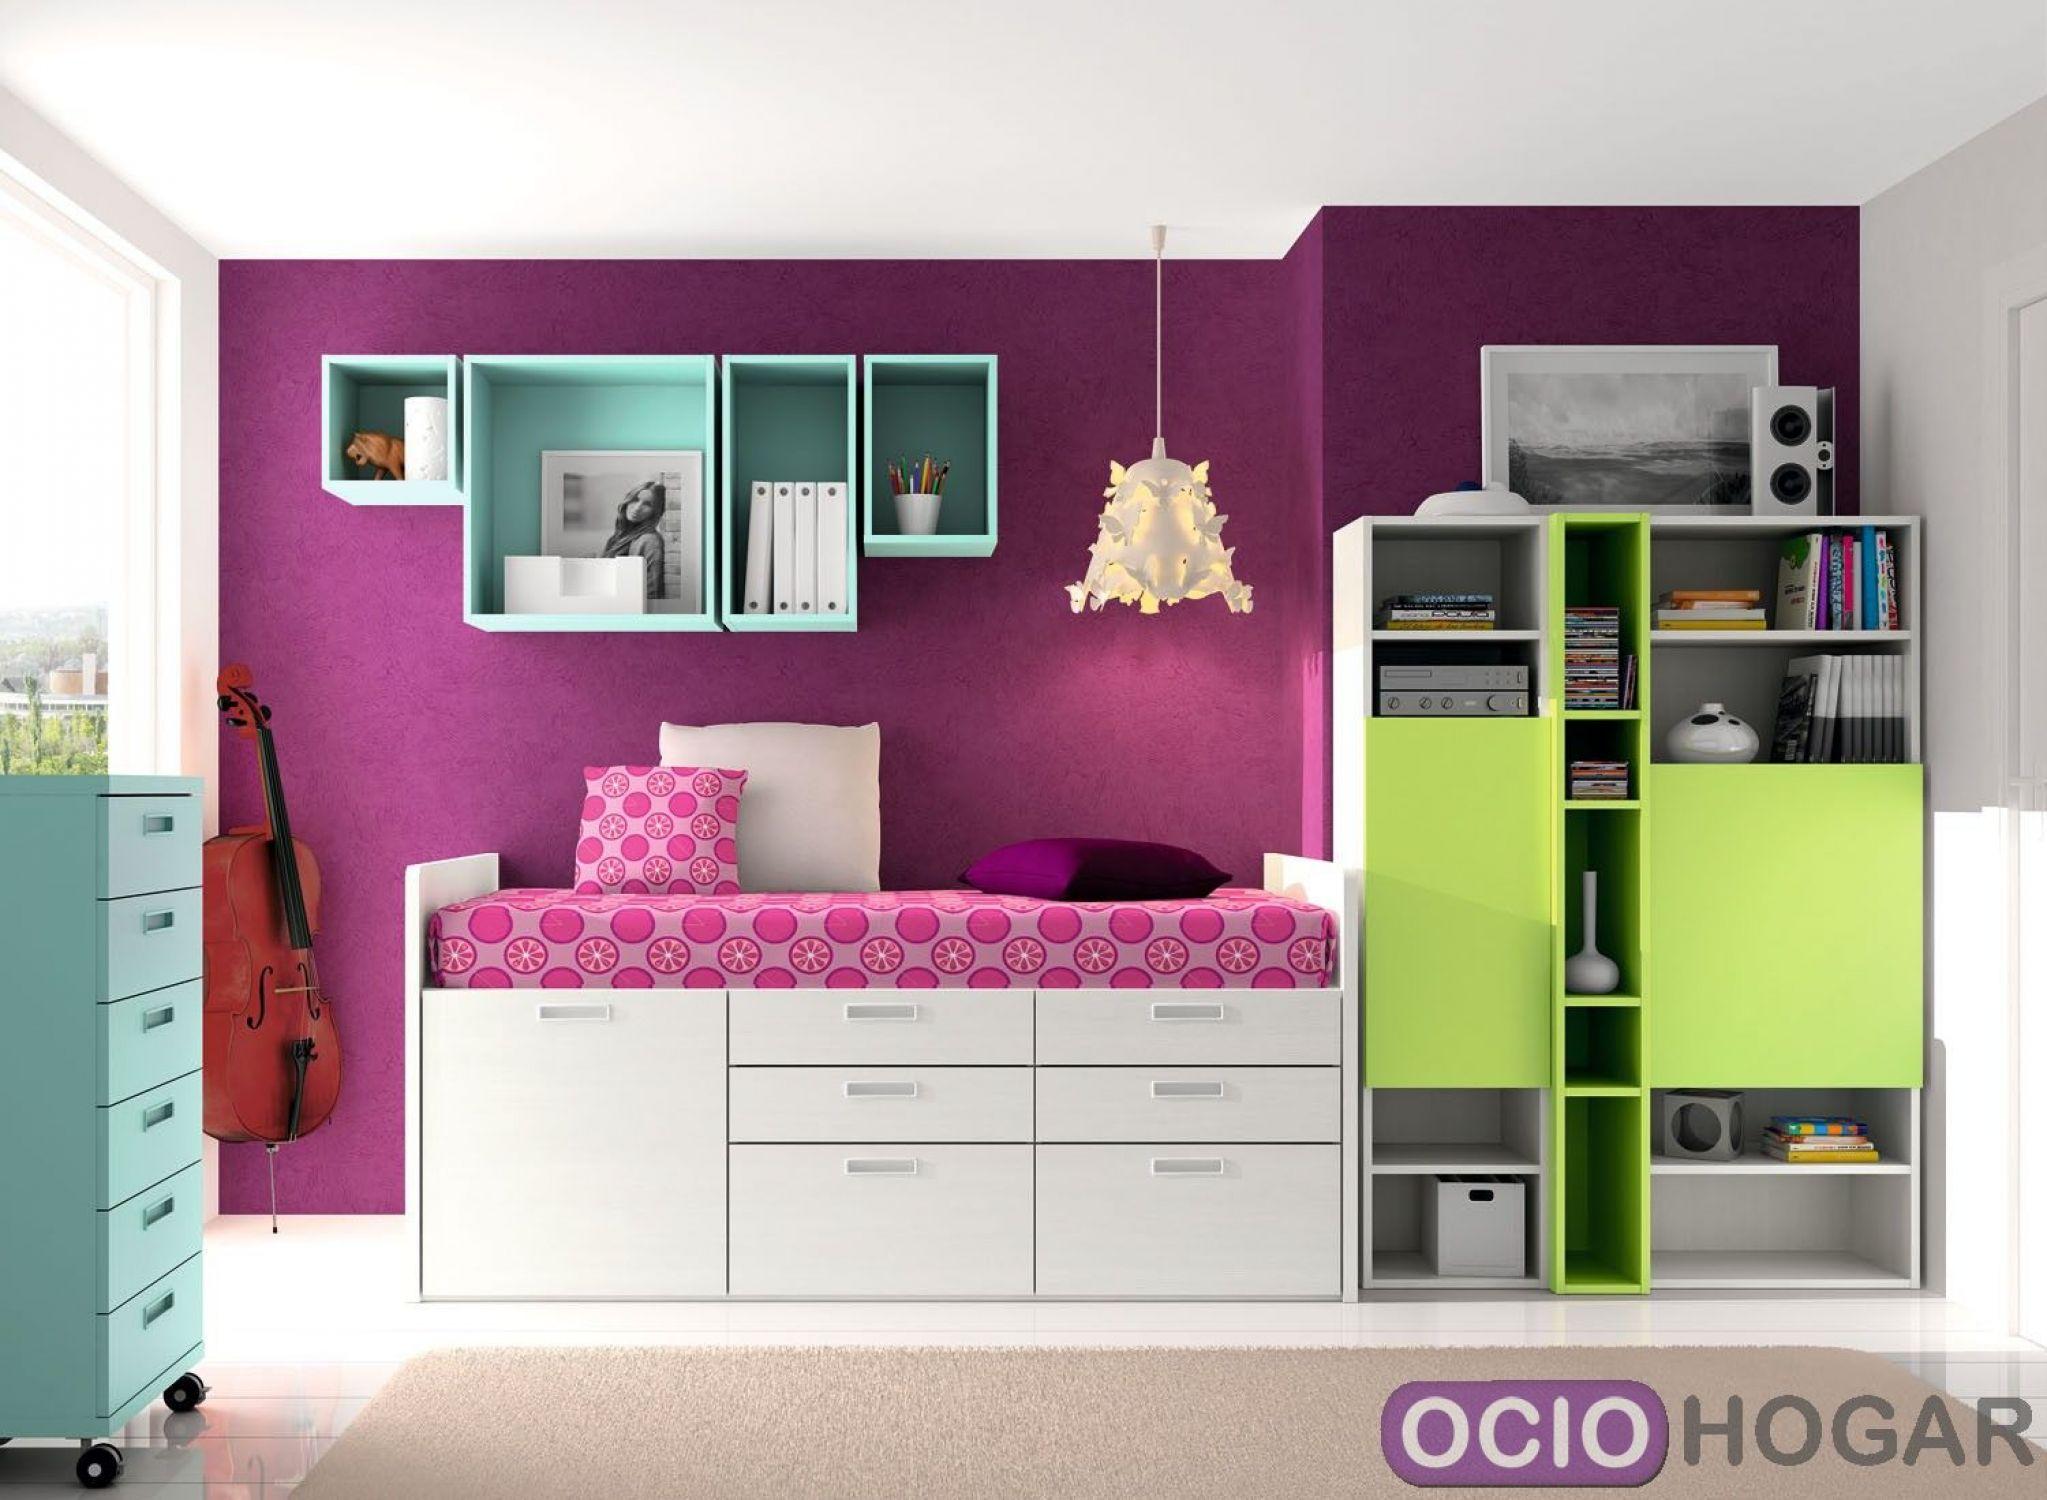 Casas cocinas mueble tiendas de muebles en palma - Muebles nicolau ...